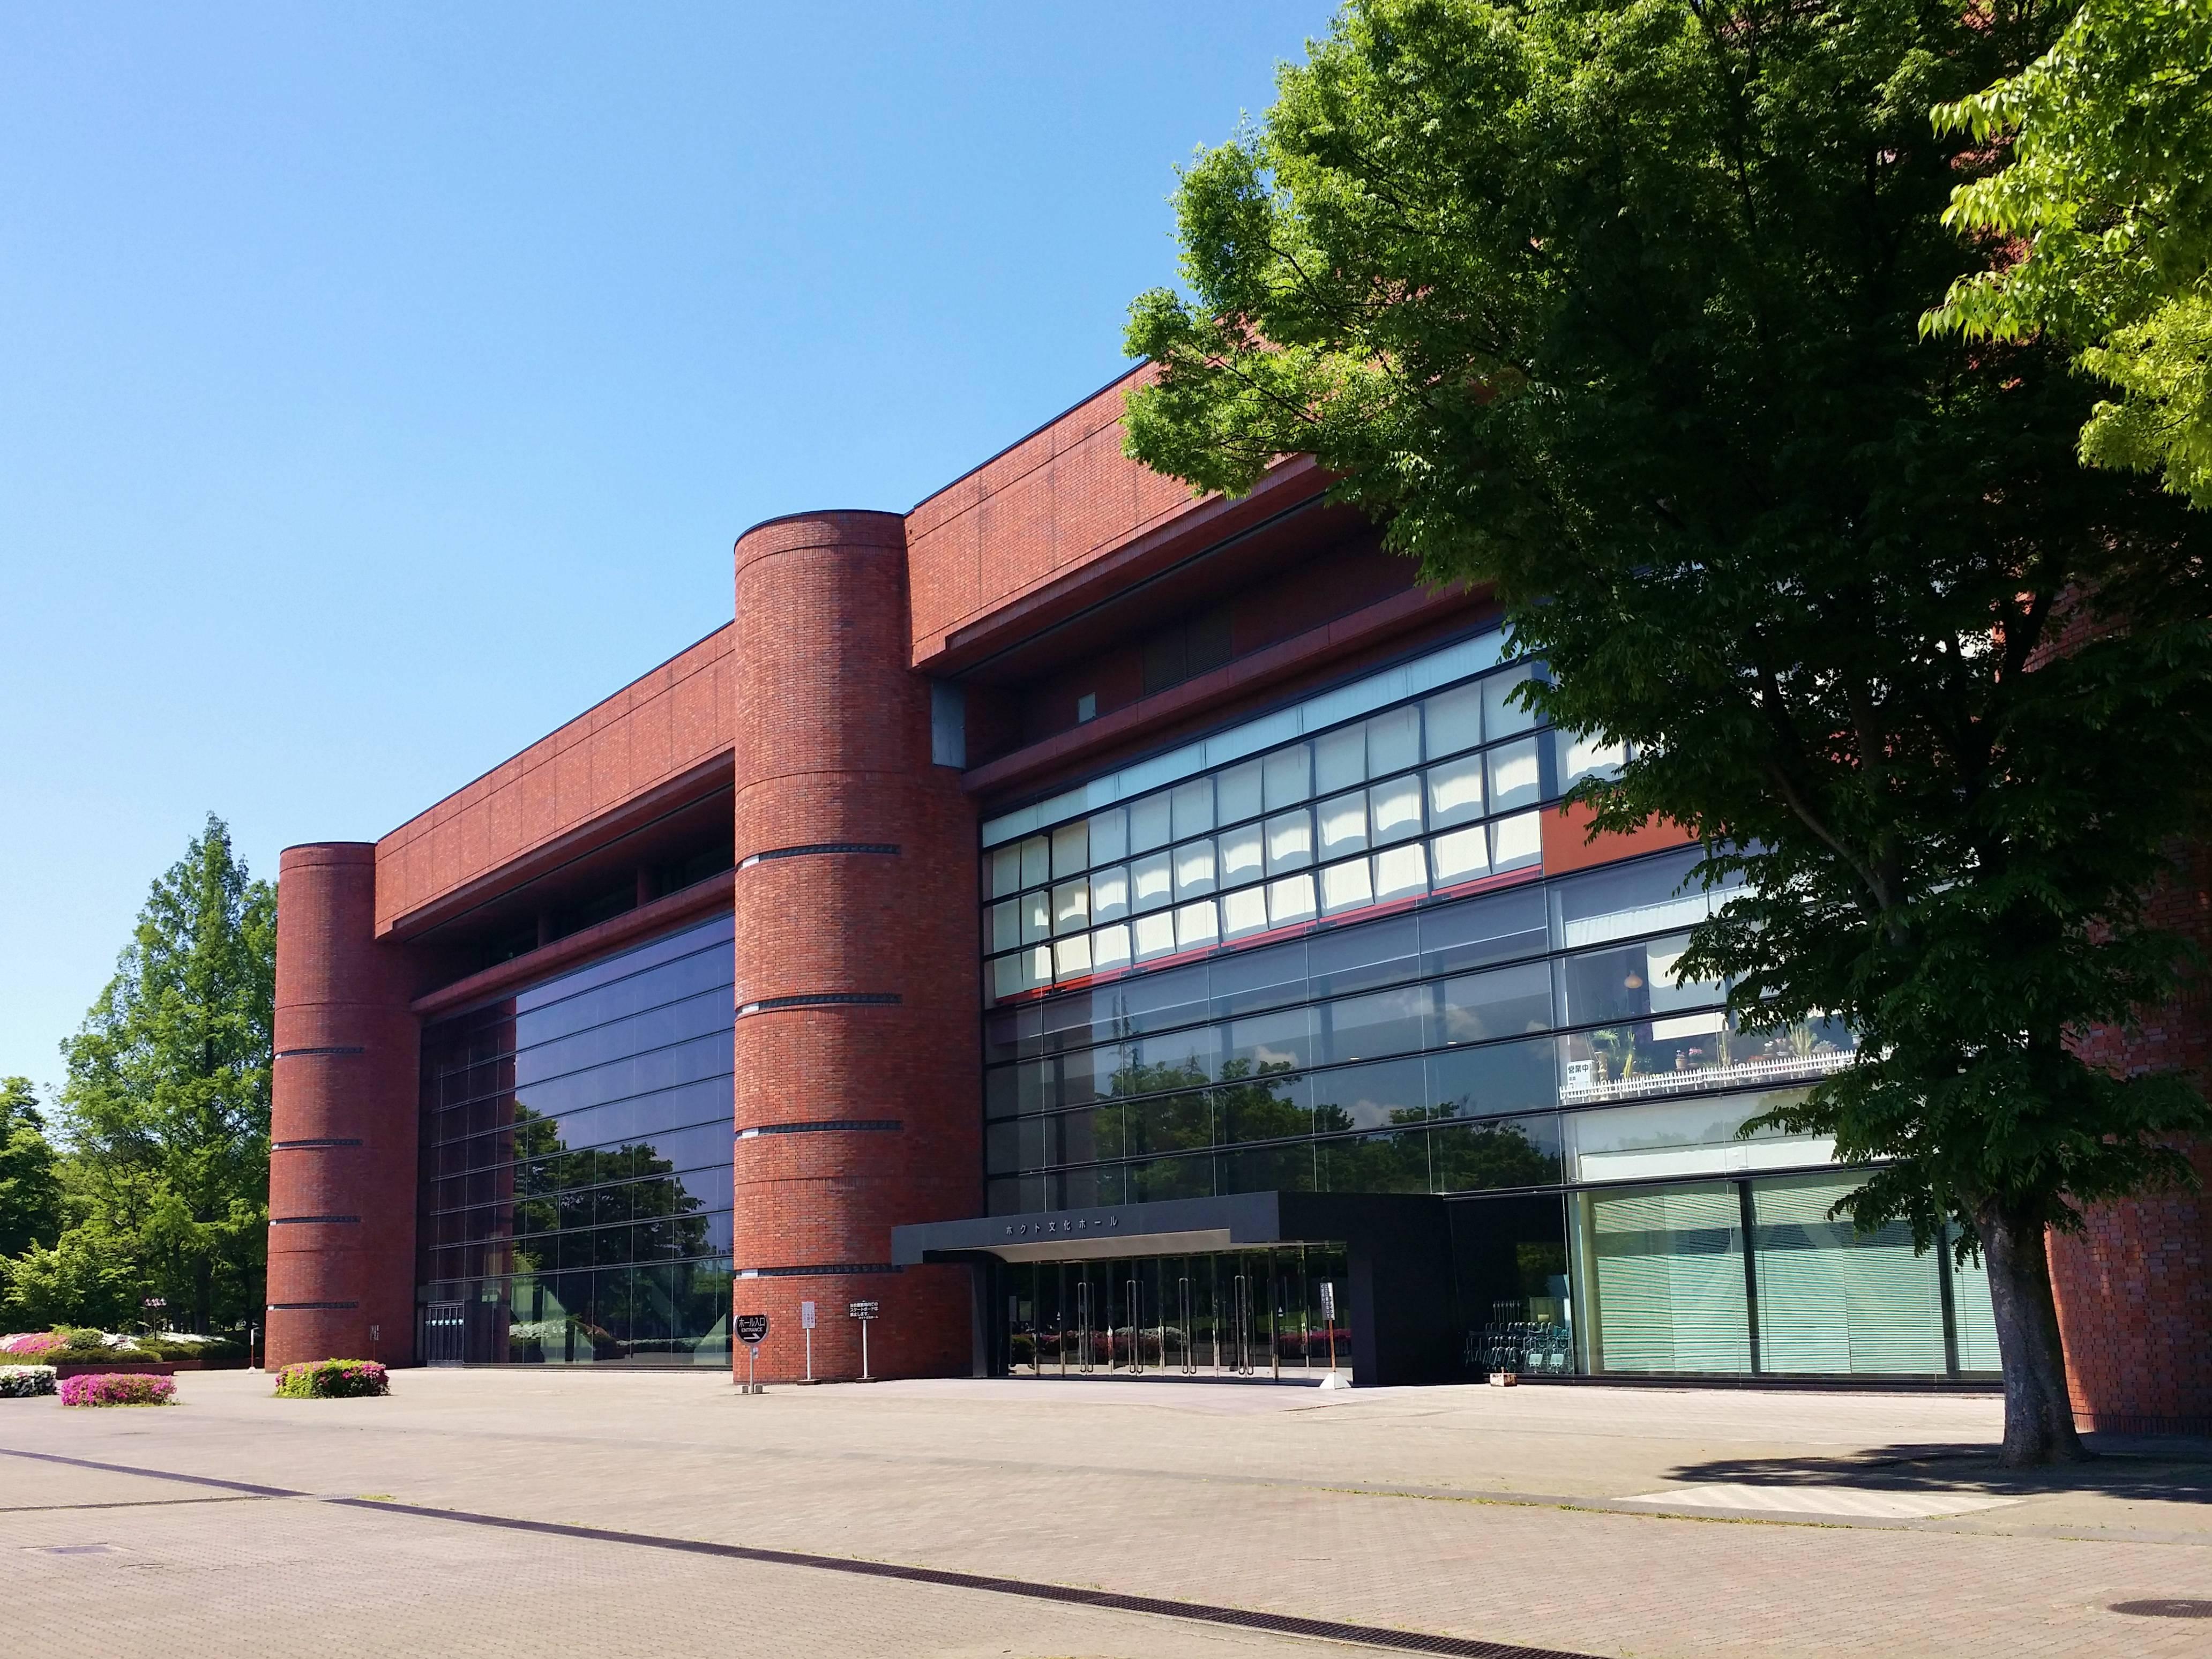 ホール ホクト 文化 長野県県民文化会館